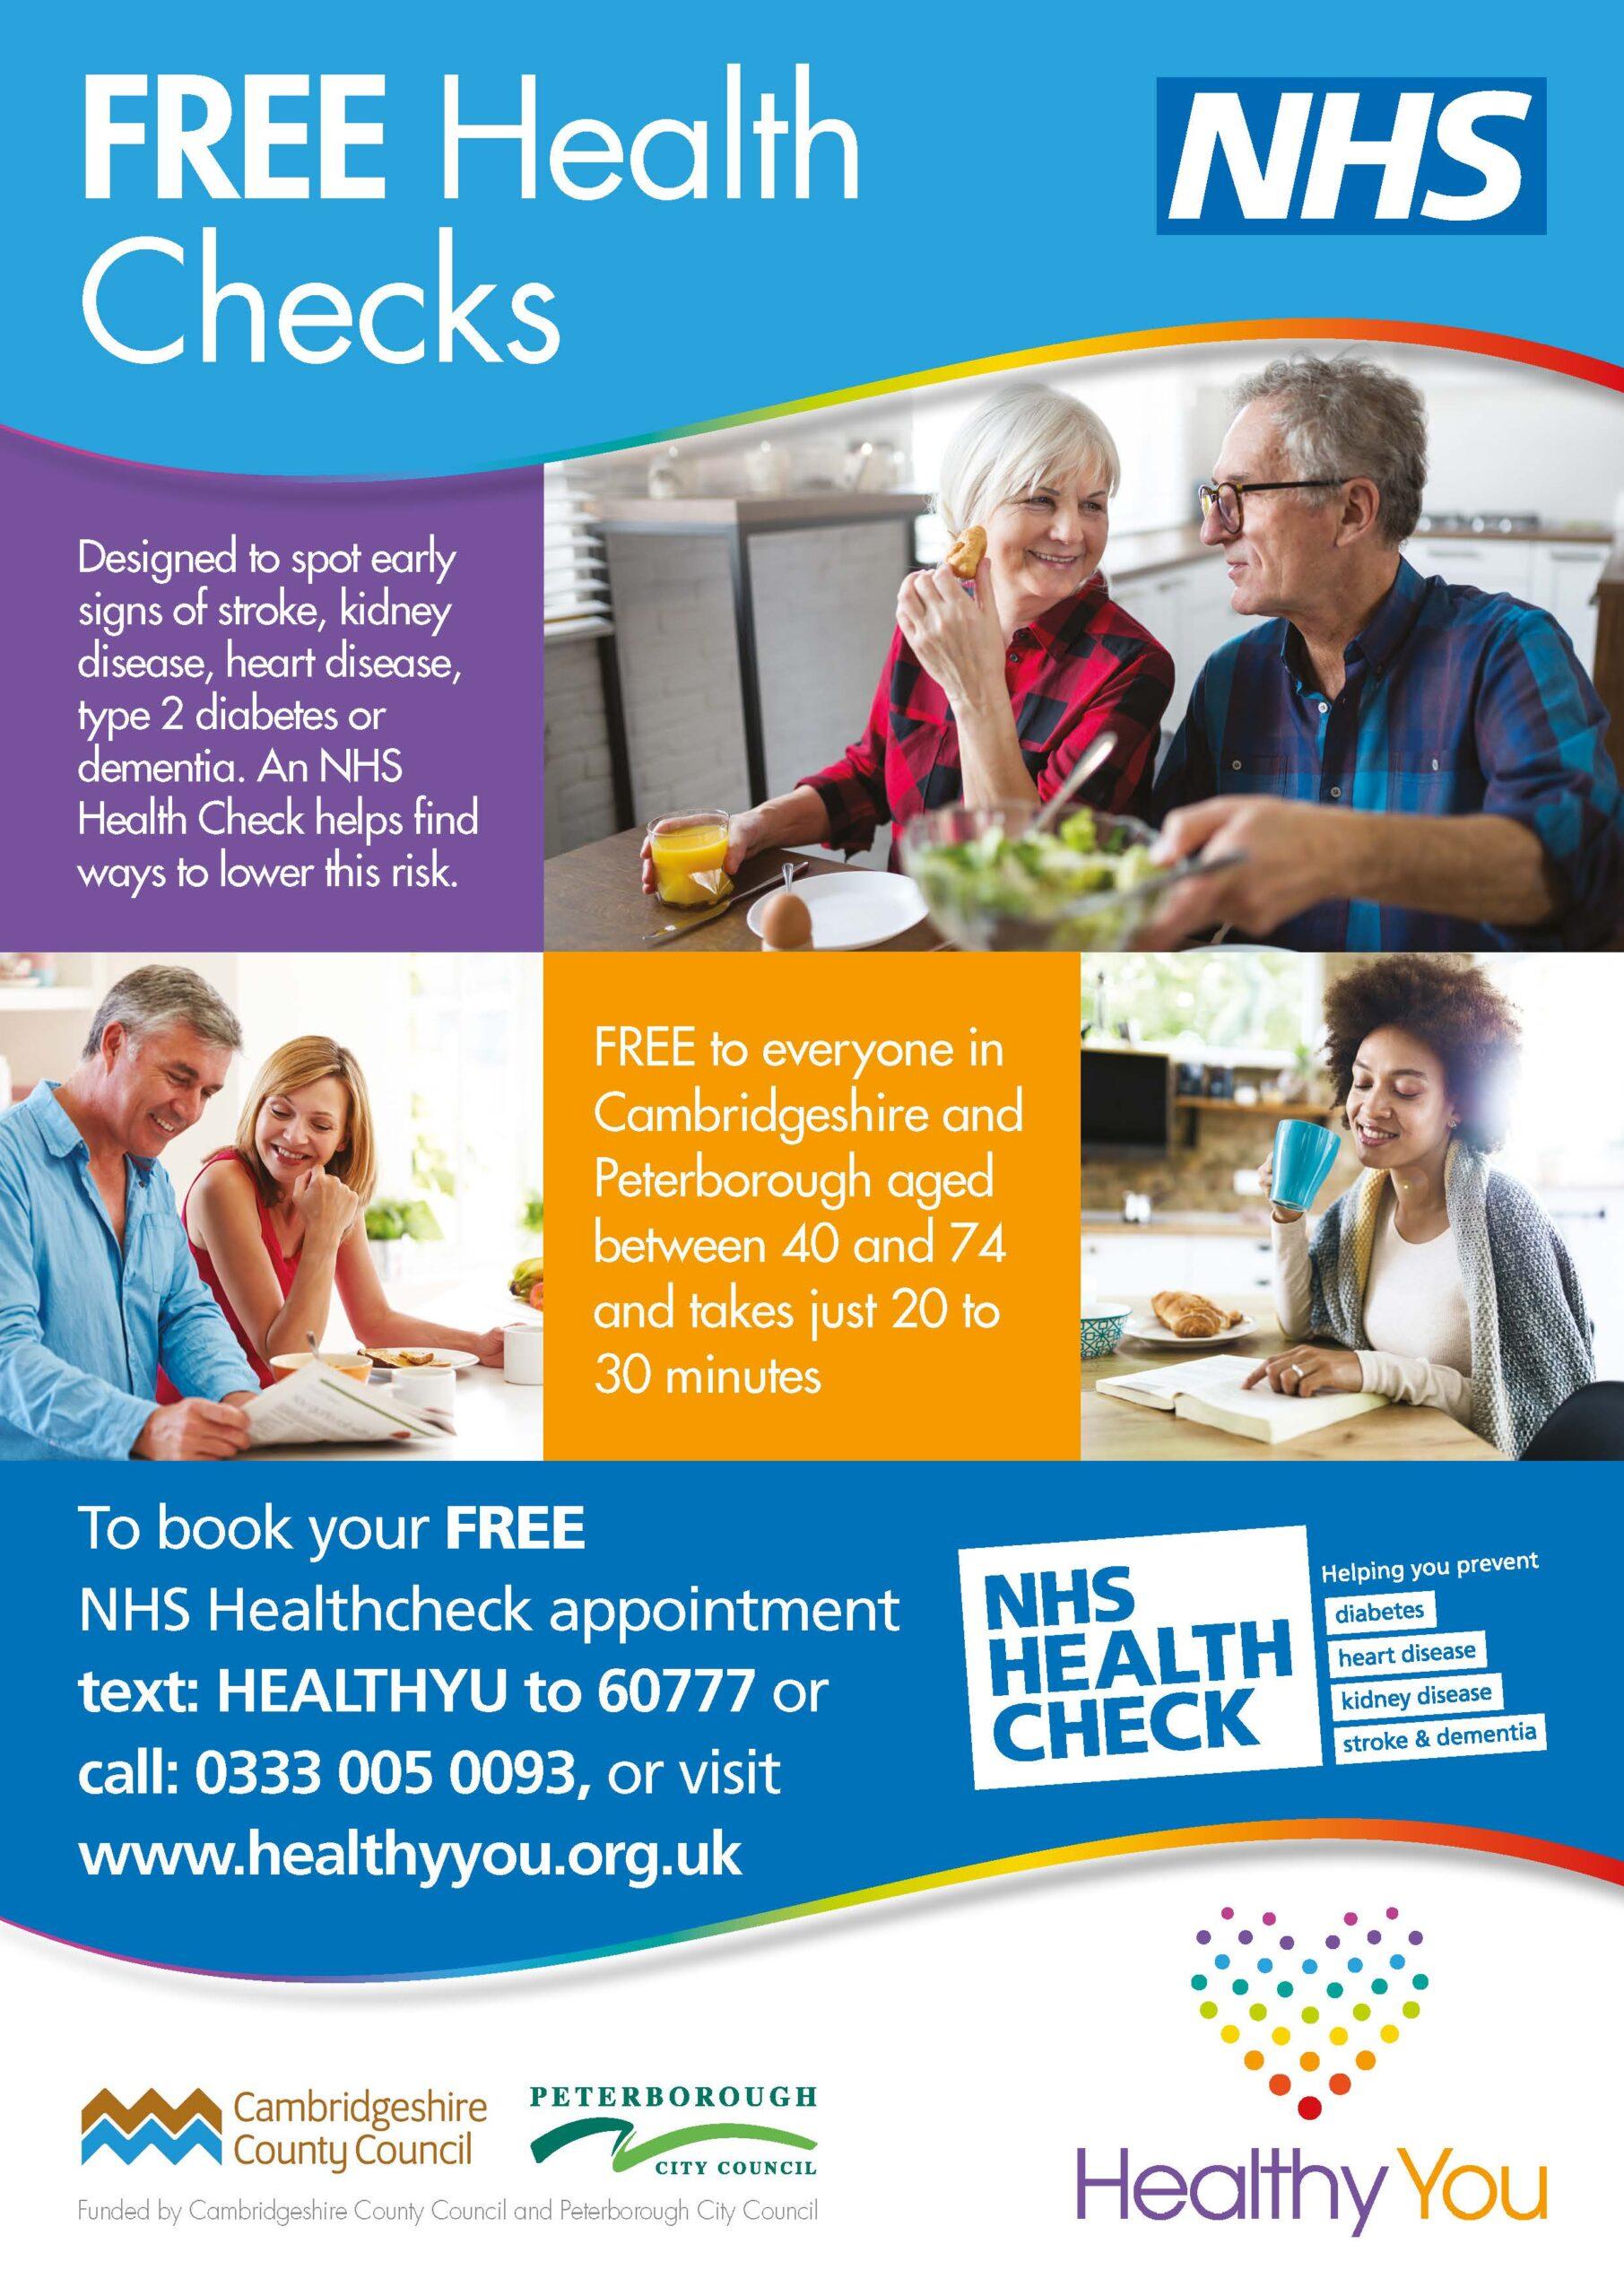 Free health checks